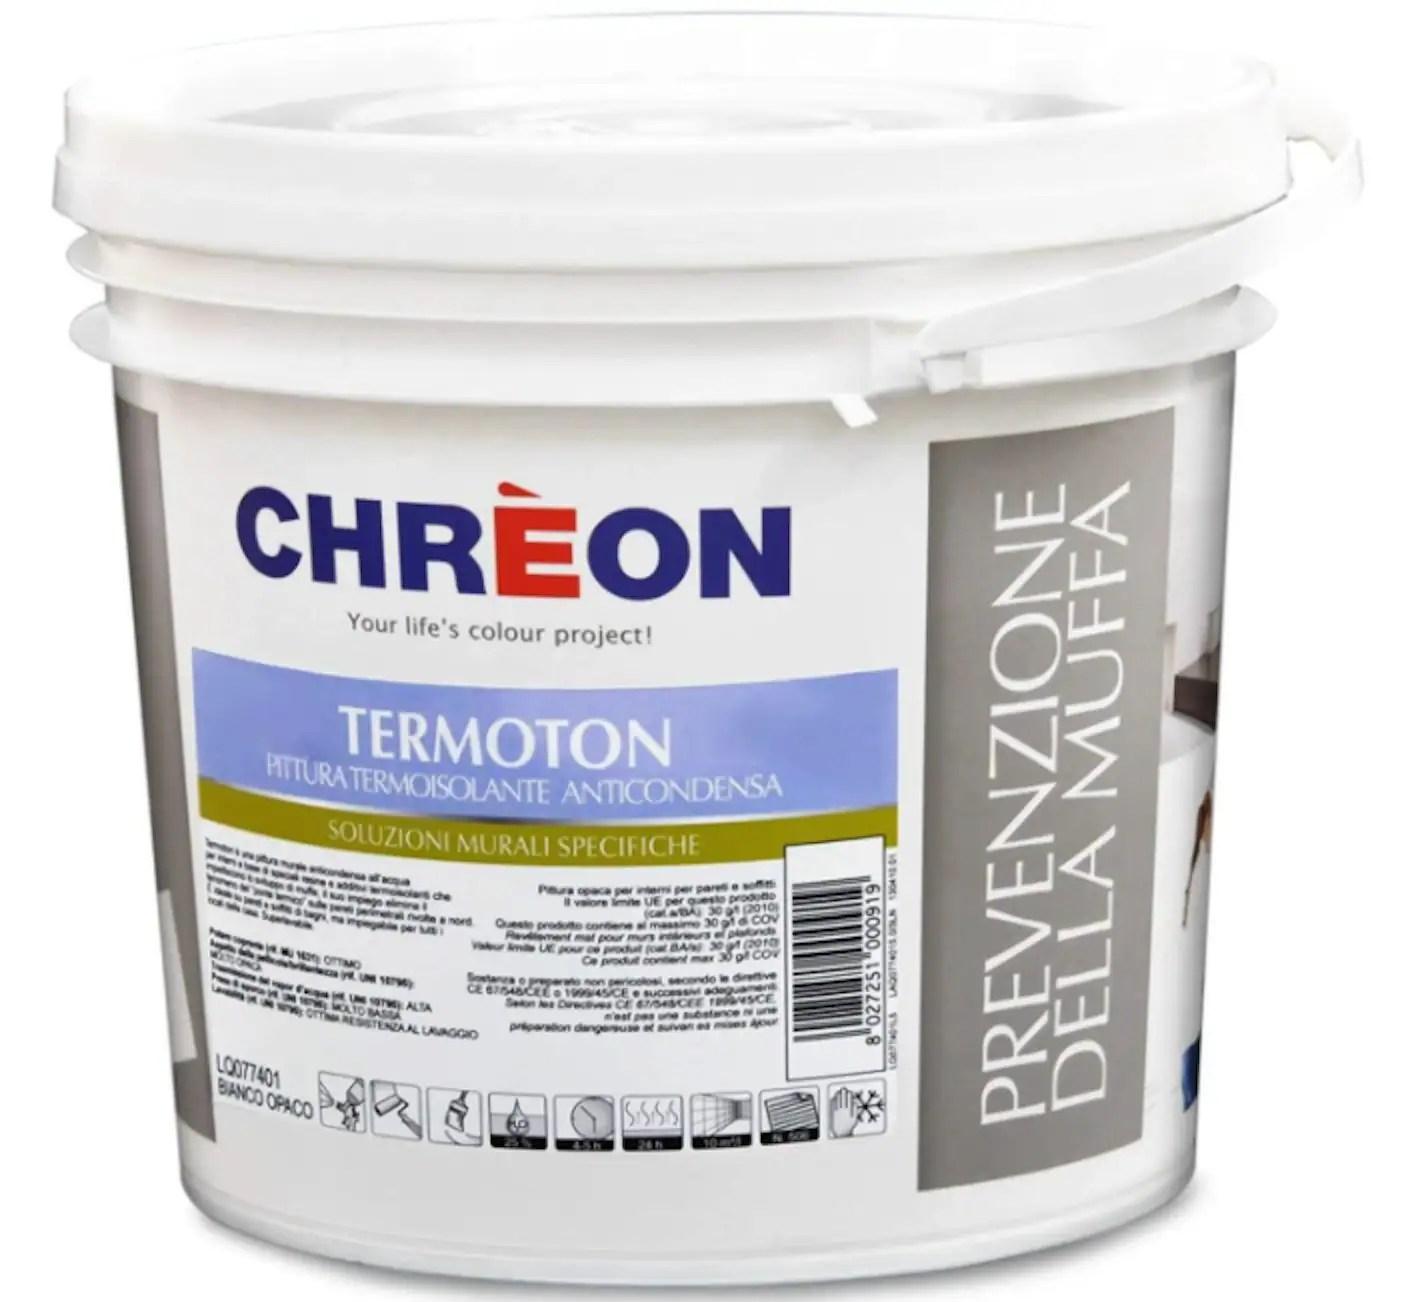 Pittura murale idropittura la lavabile per interni bianca lt. Le Migliori Pitture Per Pareti Quali Marche Scegliere